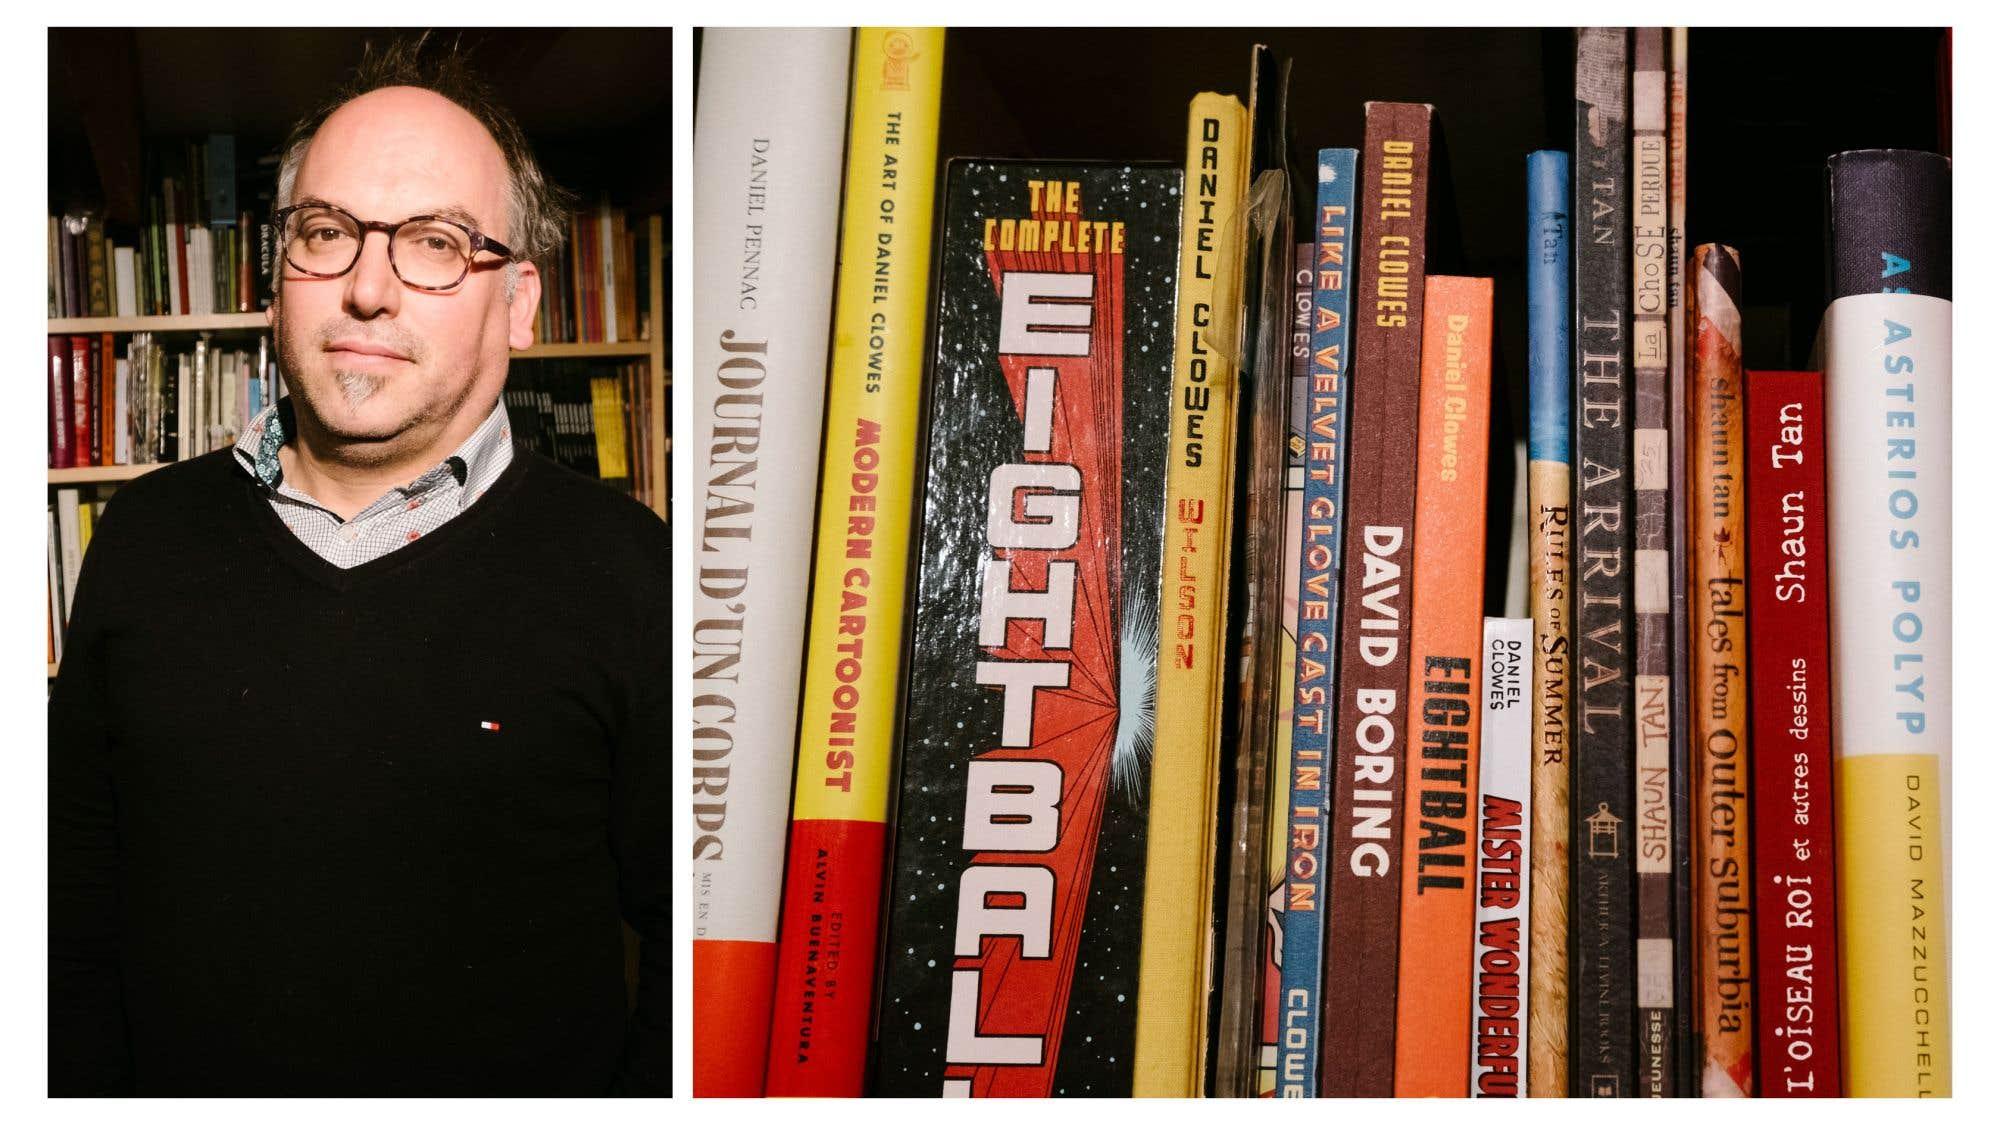 La bibliothèque d'Antoine Tanguay, timonier en chef aux éditions Alto, est sise dans le sous-sol de sa résidence. «C'est le foutoir, précise-t-il. Au dernier décompte, jamais terminé par lassitude et manque de temps, j'avais environ 4000 livres», essentiellement des livres d'images (photo, art, BD), des romans, et «quelques trucs inclassables. J'ai pas mal élagué ma biblio au fil des ans; je ne garde que les livres qui ont une histoire». Le premier bouquin qu'il se souvient avoir conservé est La tour (Casterman), bande dessinée de Schuiten et Peeters, offert par ses parents. Sa plus récente acquisition est la monographie sur Chris Ware par Françoise Mouly (Rizzoli).